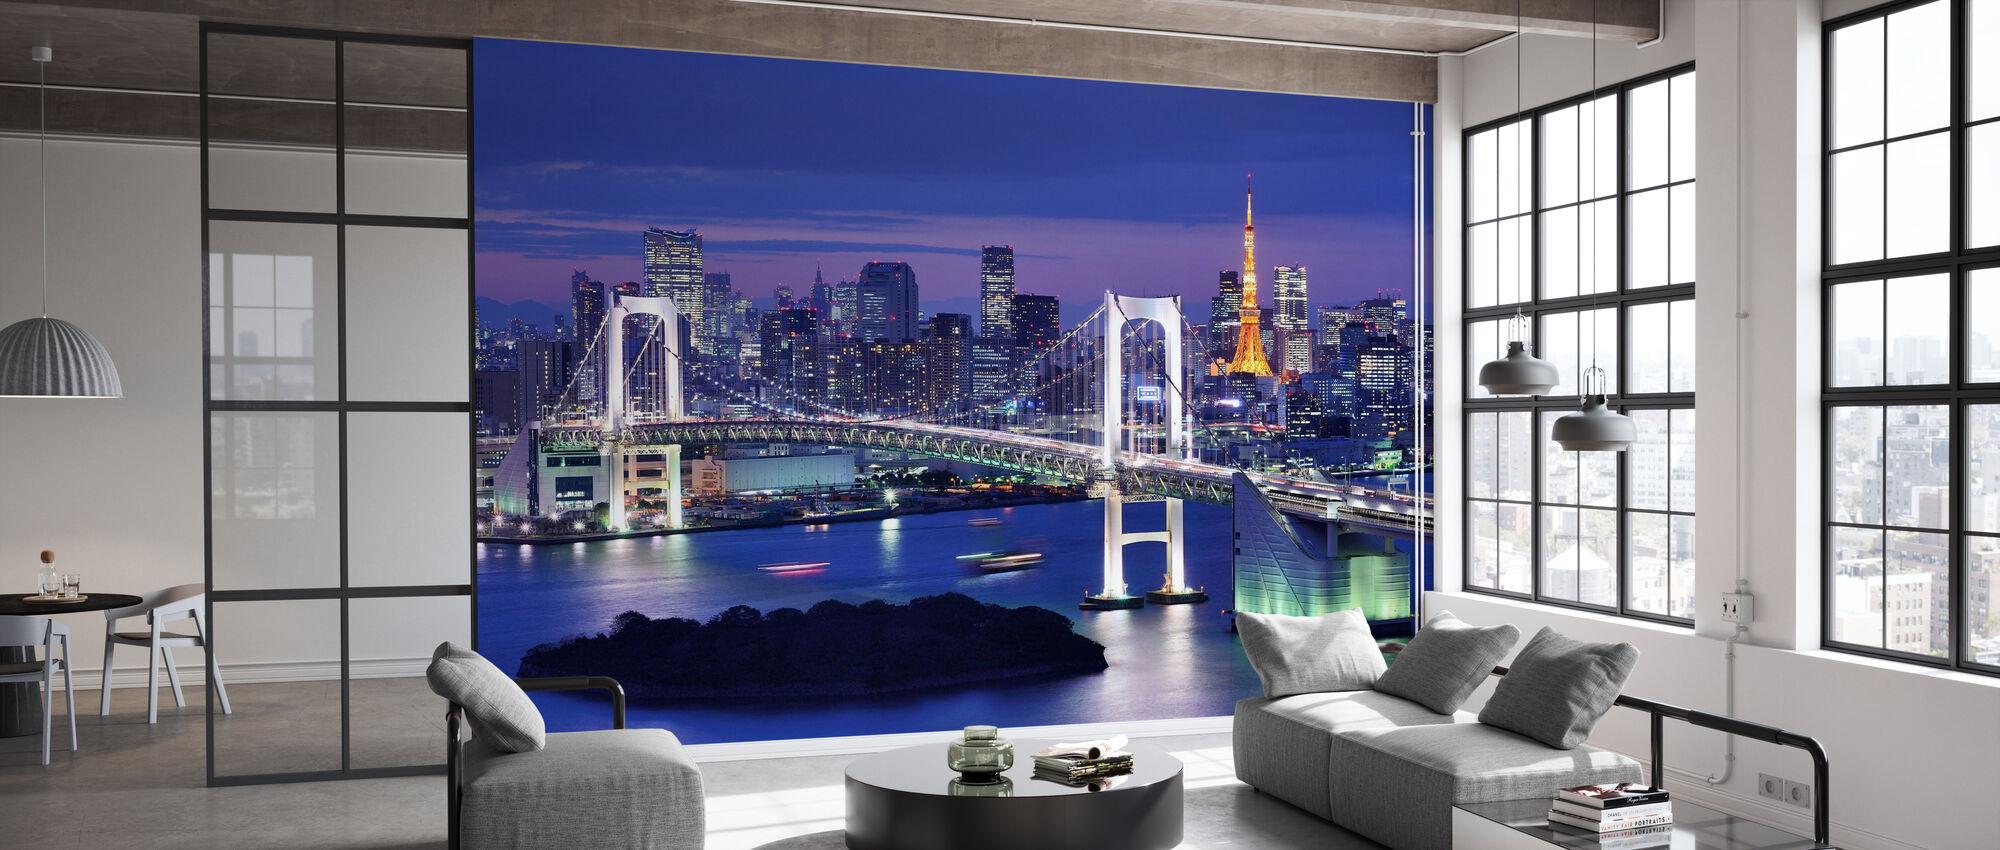 Regnbågsbron och Tokyo Tower - Tapet - Kontor